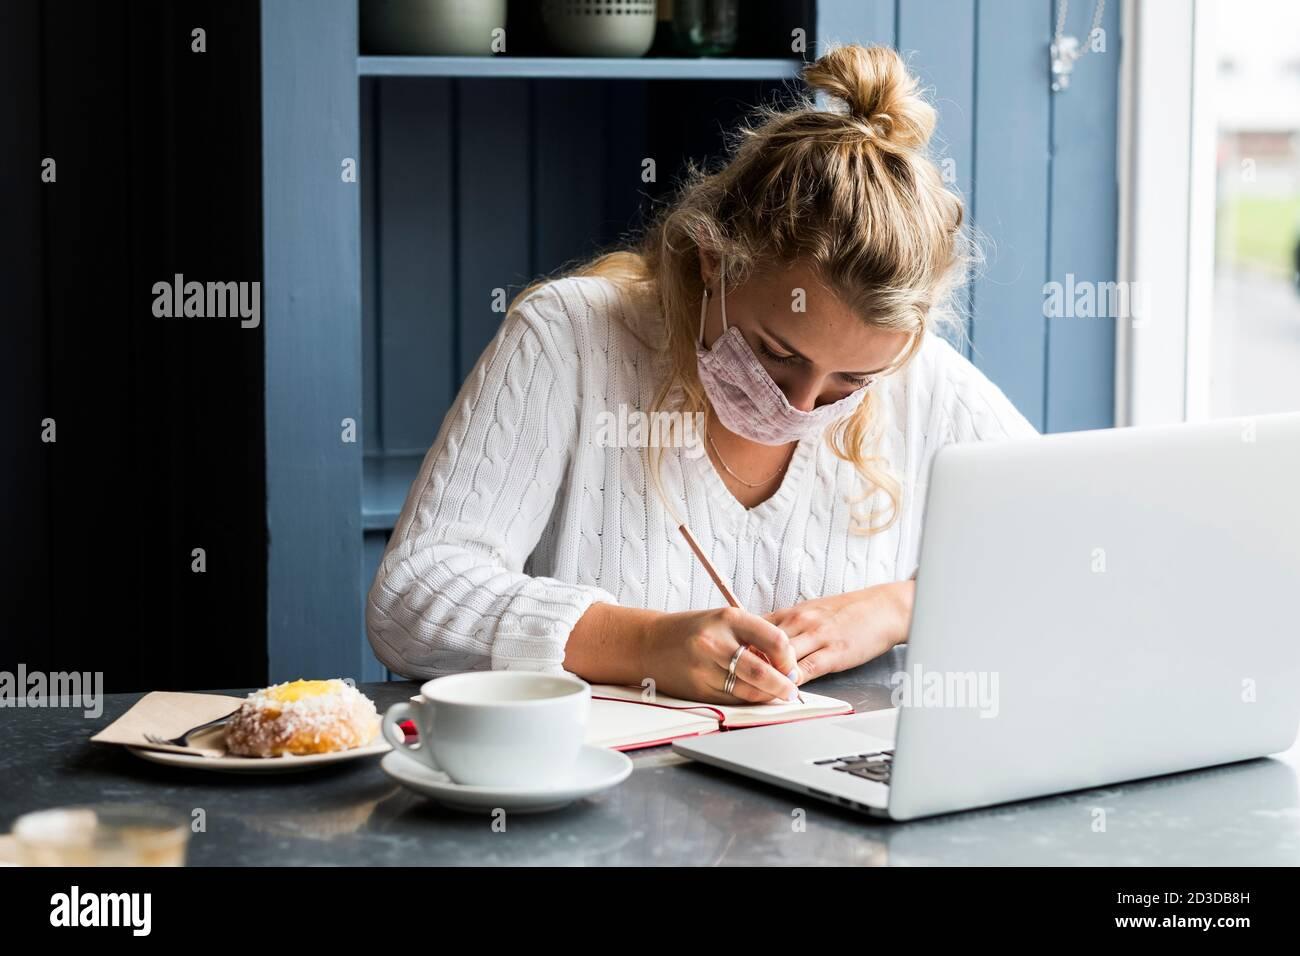 Junge blonde Frau trägt Gesichtsmaske allein sitzen an einem Café-Tisch mit einem Laptop-Computer, schriftlich in Notizbuch, arbeiten aus der Ferne. Stockfoto